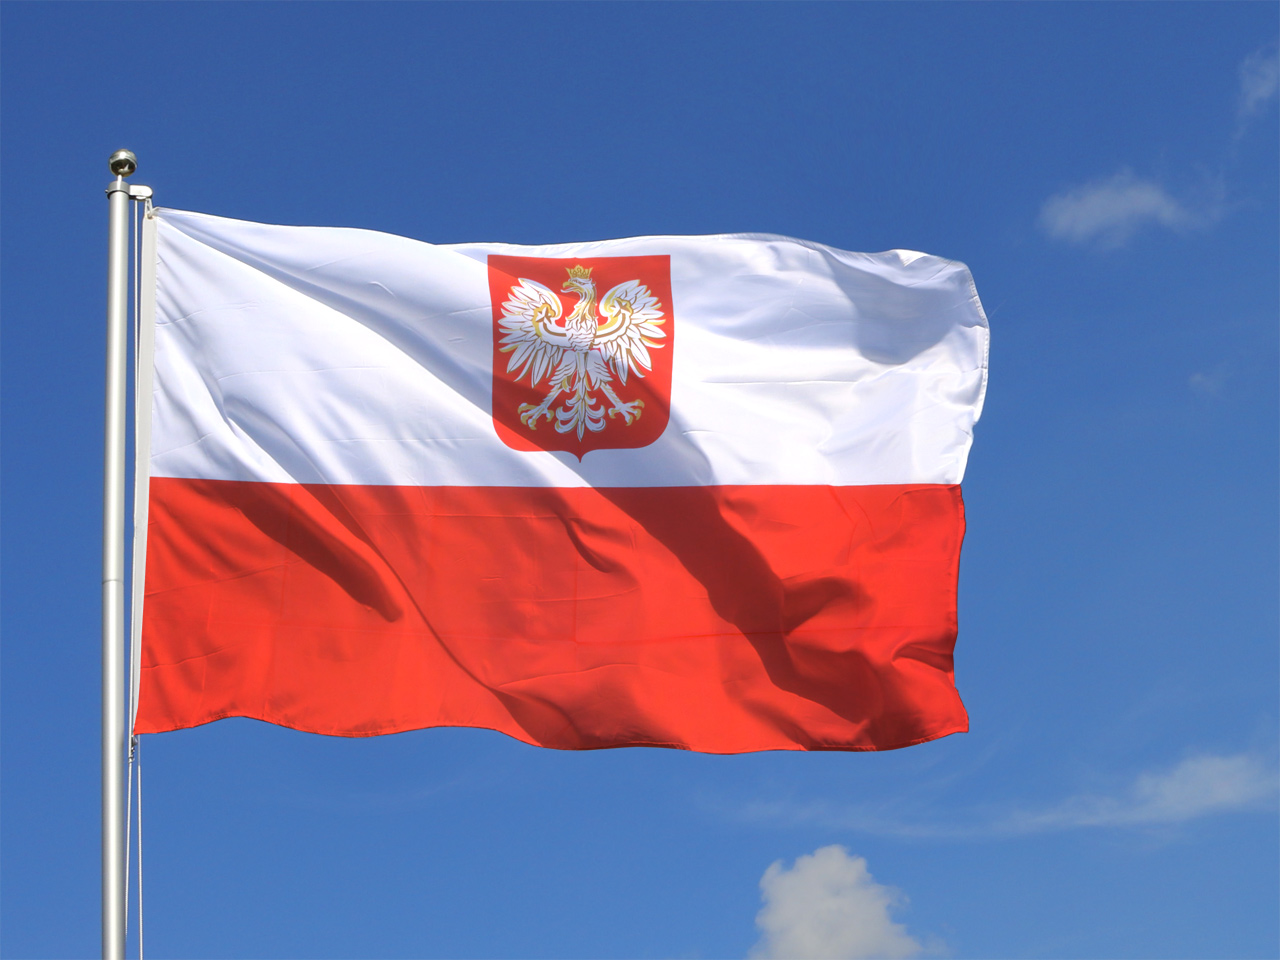 la-pologne-drapeau